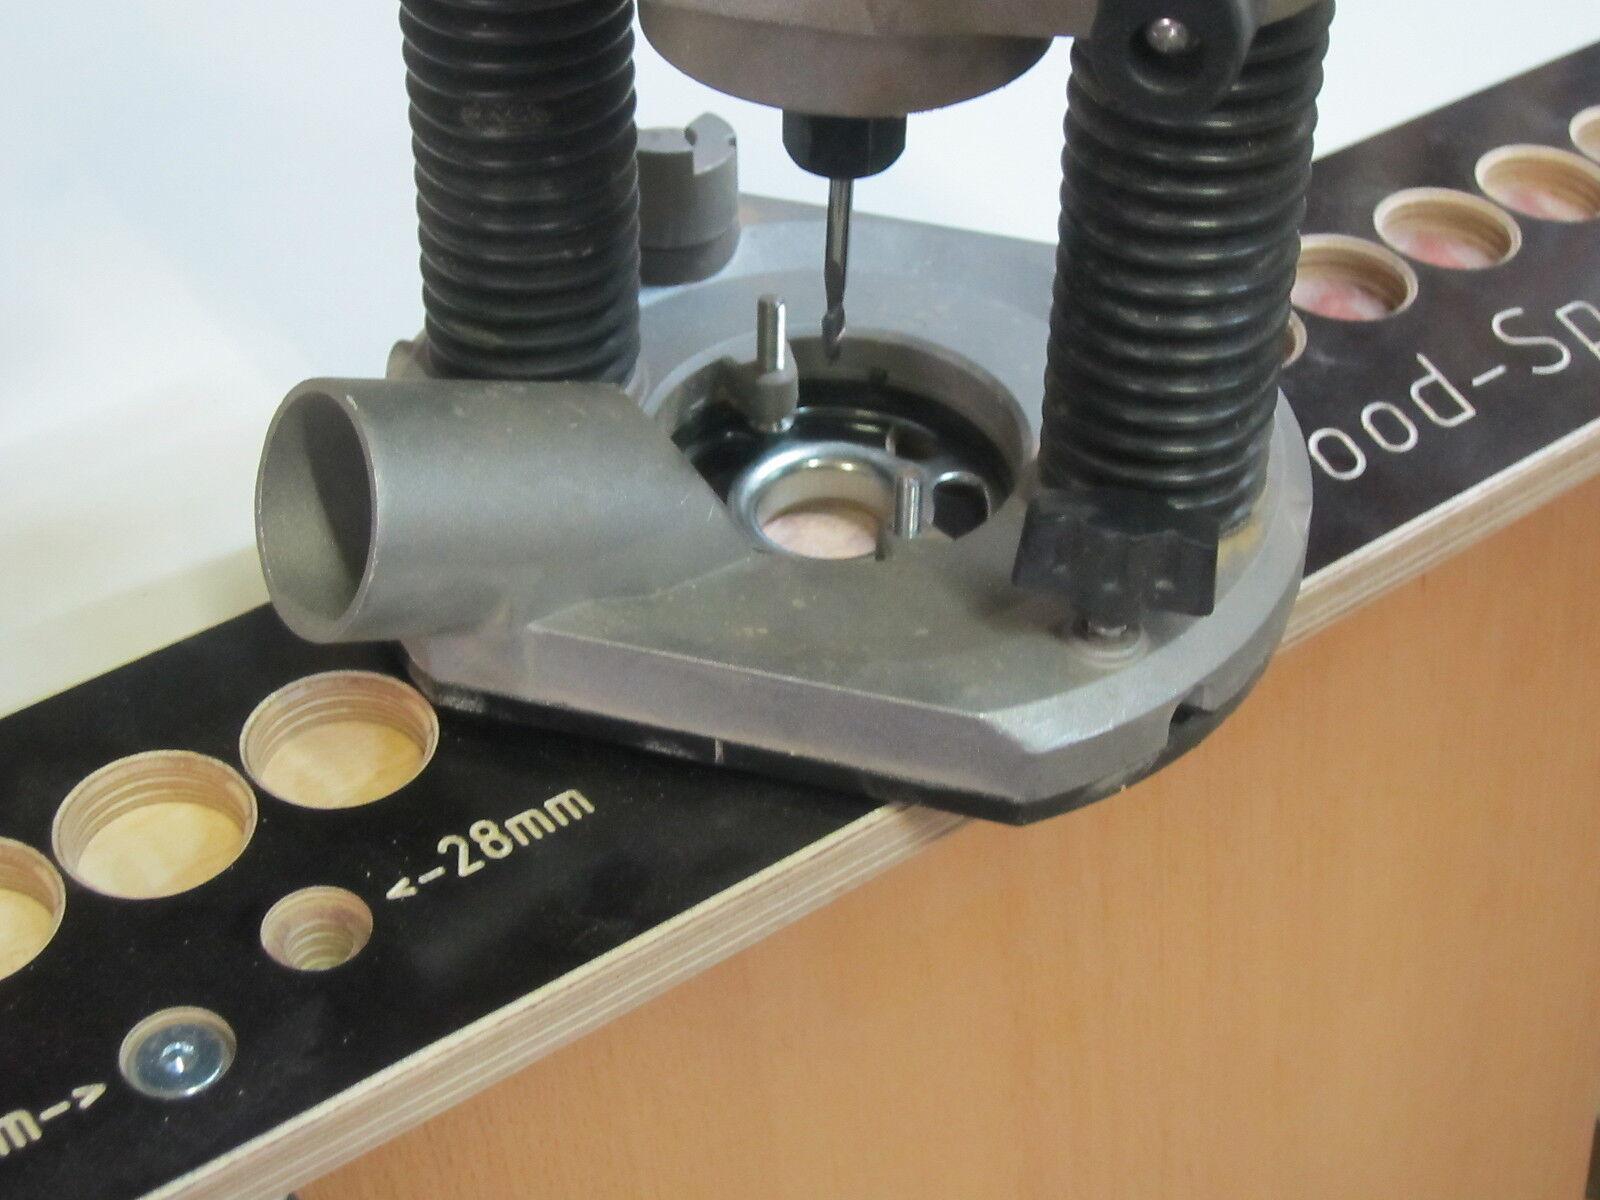 Bohrlehre Bohrlehre Bohrlehre Bohrschablone 32er System  Oberfräse mit 27 17 mm Kopierring | Meistverkaufte weltweit  | Verschiedene Arten und Stile  | 2019  a9fb61